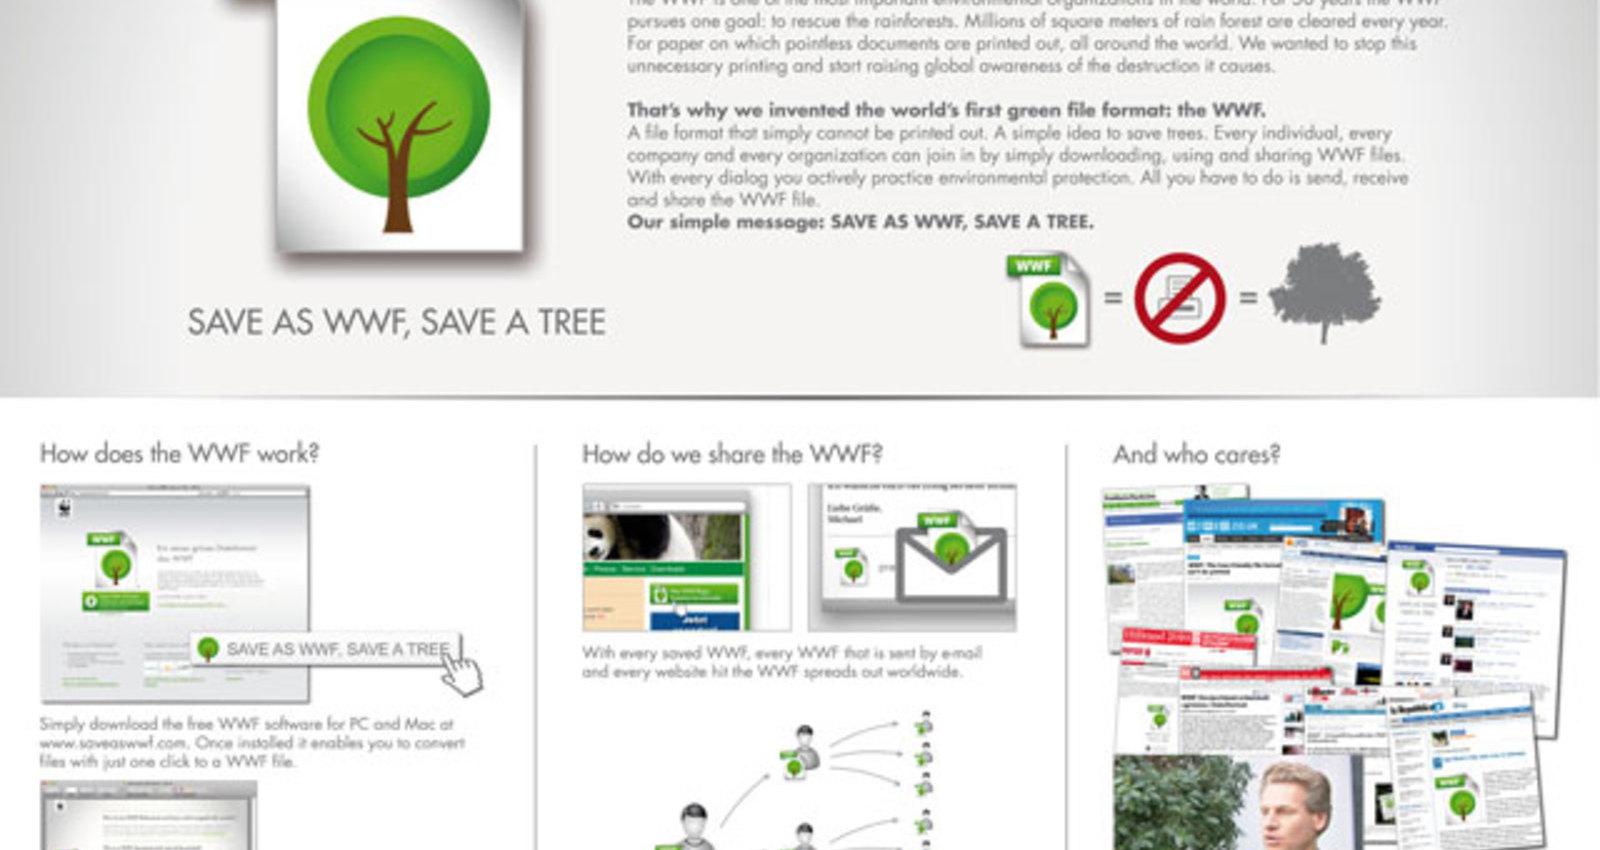 Save as WWF